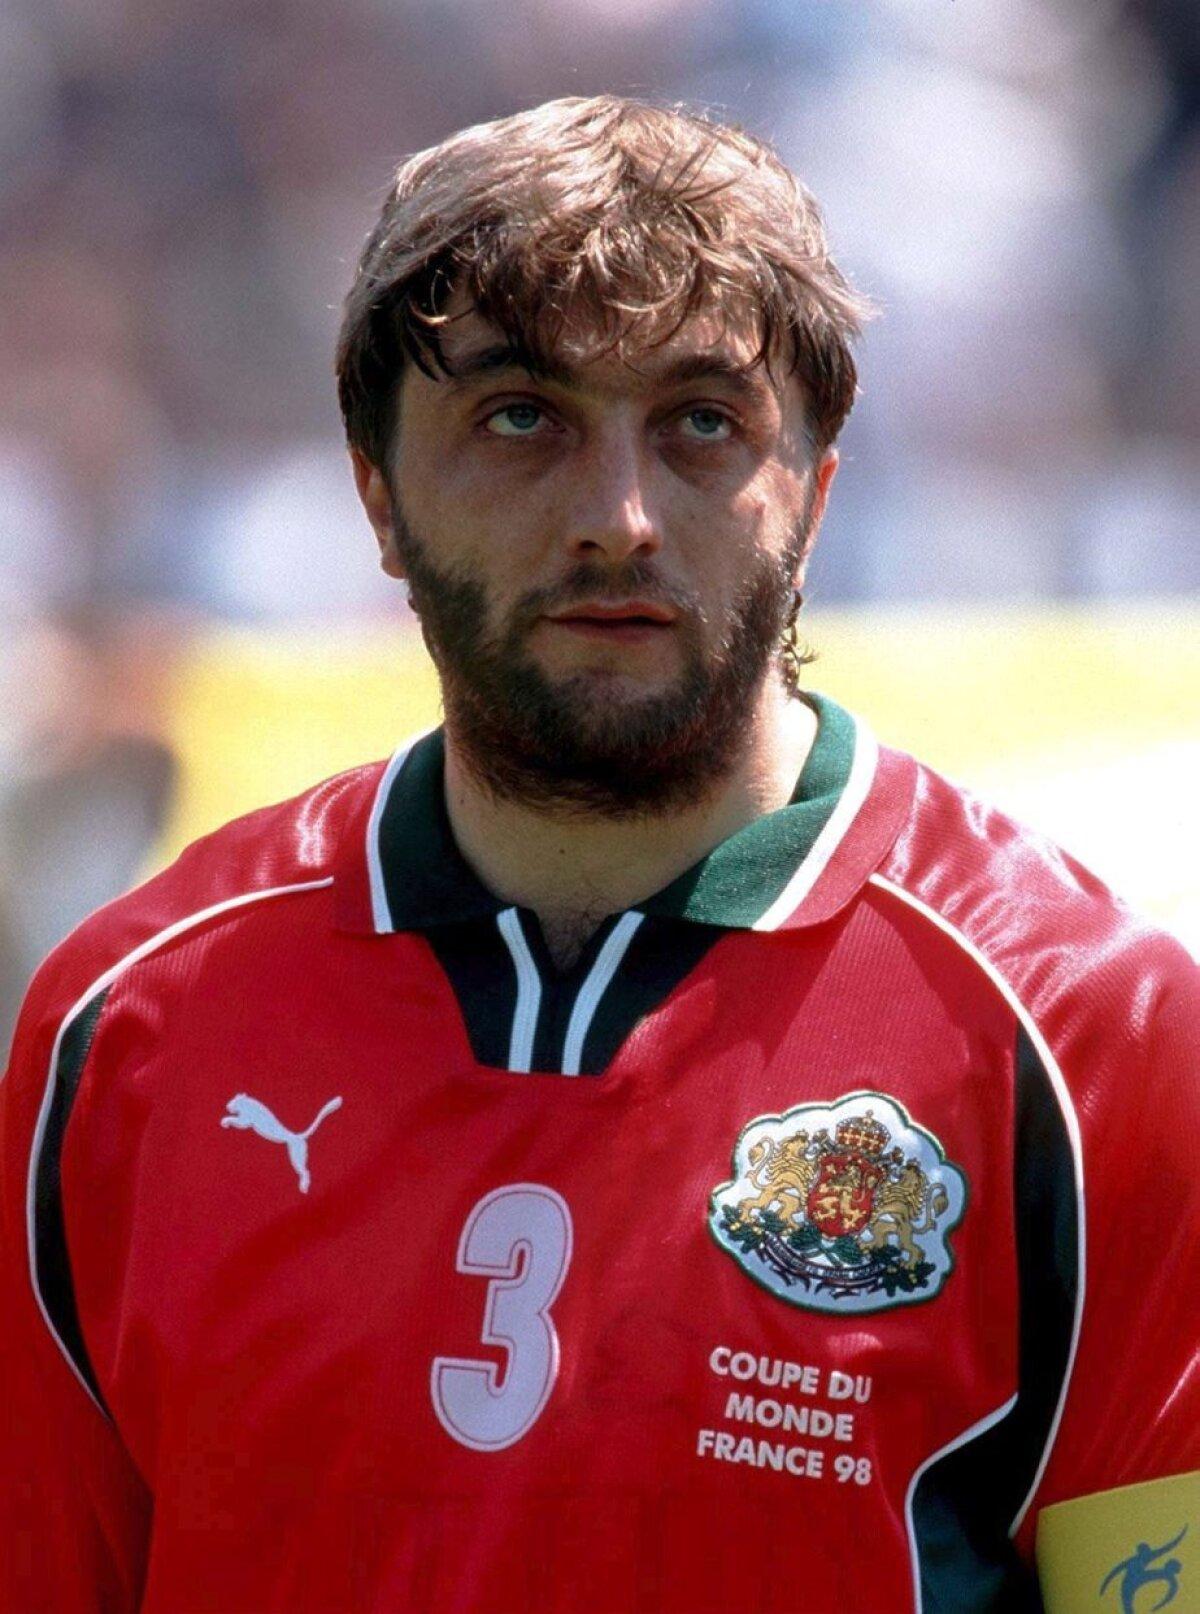 Tragedie în Bulgaria » Unul dintre cei mai importanți jucători din istorie a murit la 50 de ani